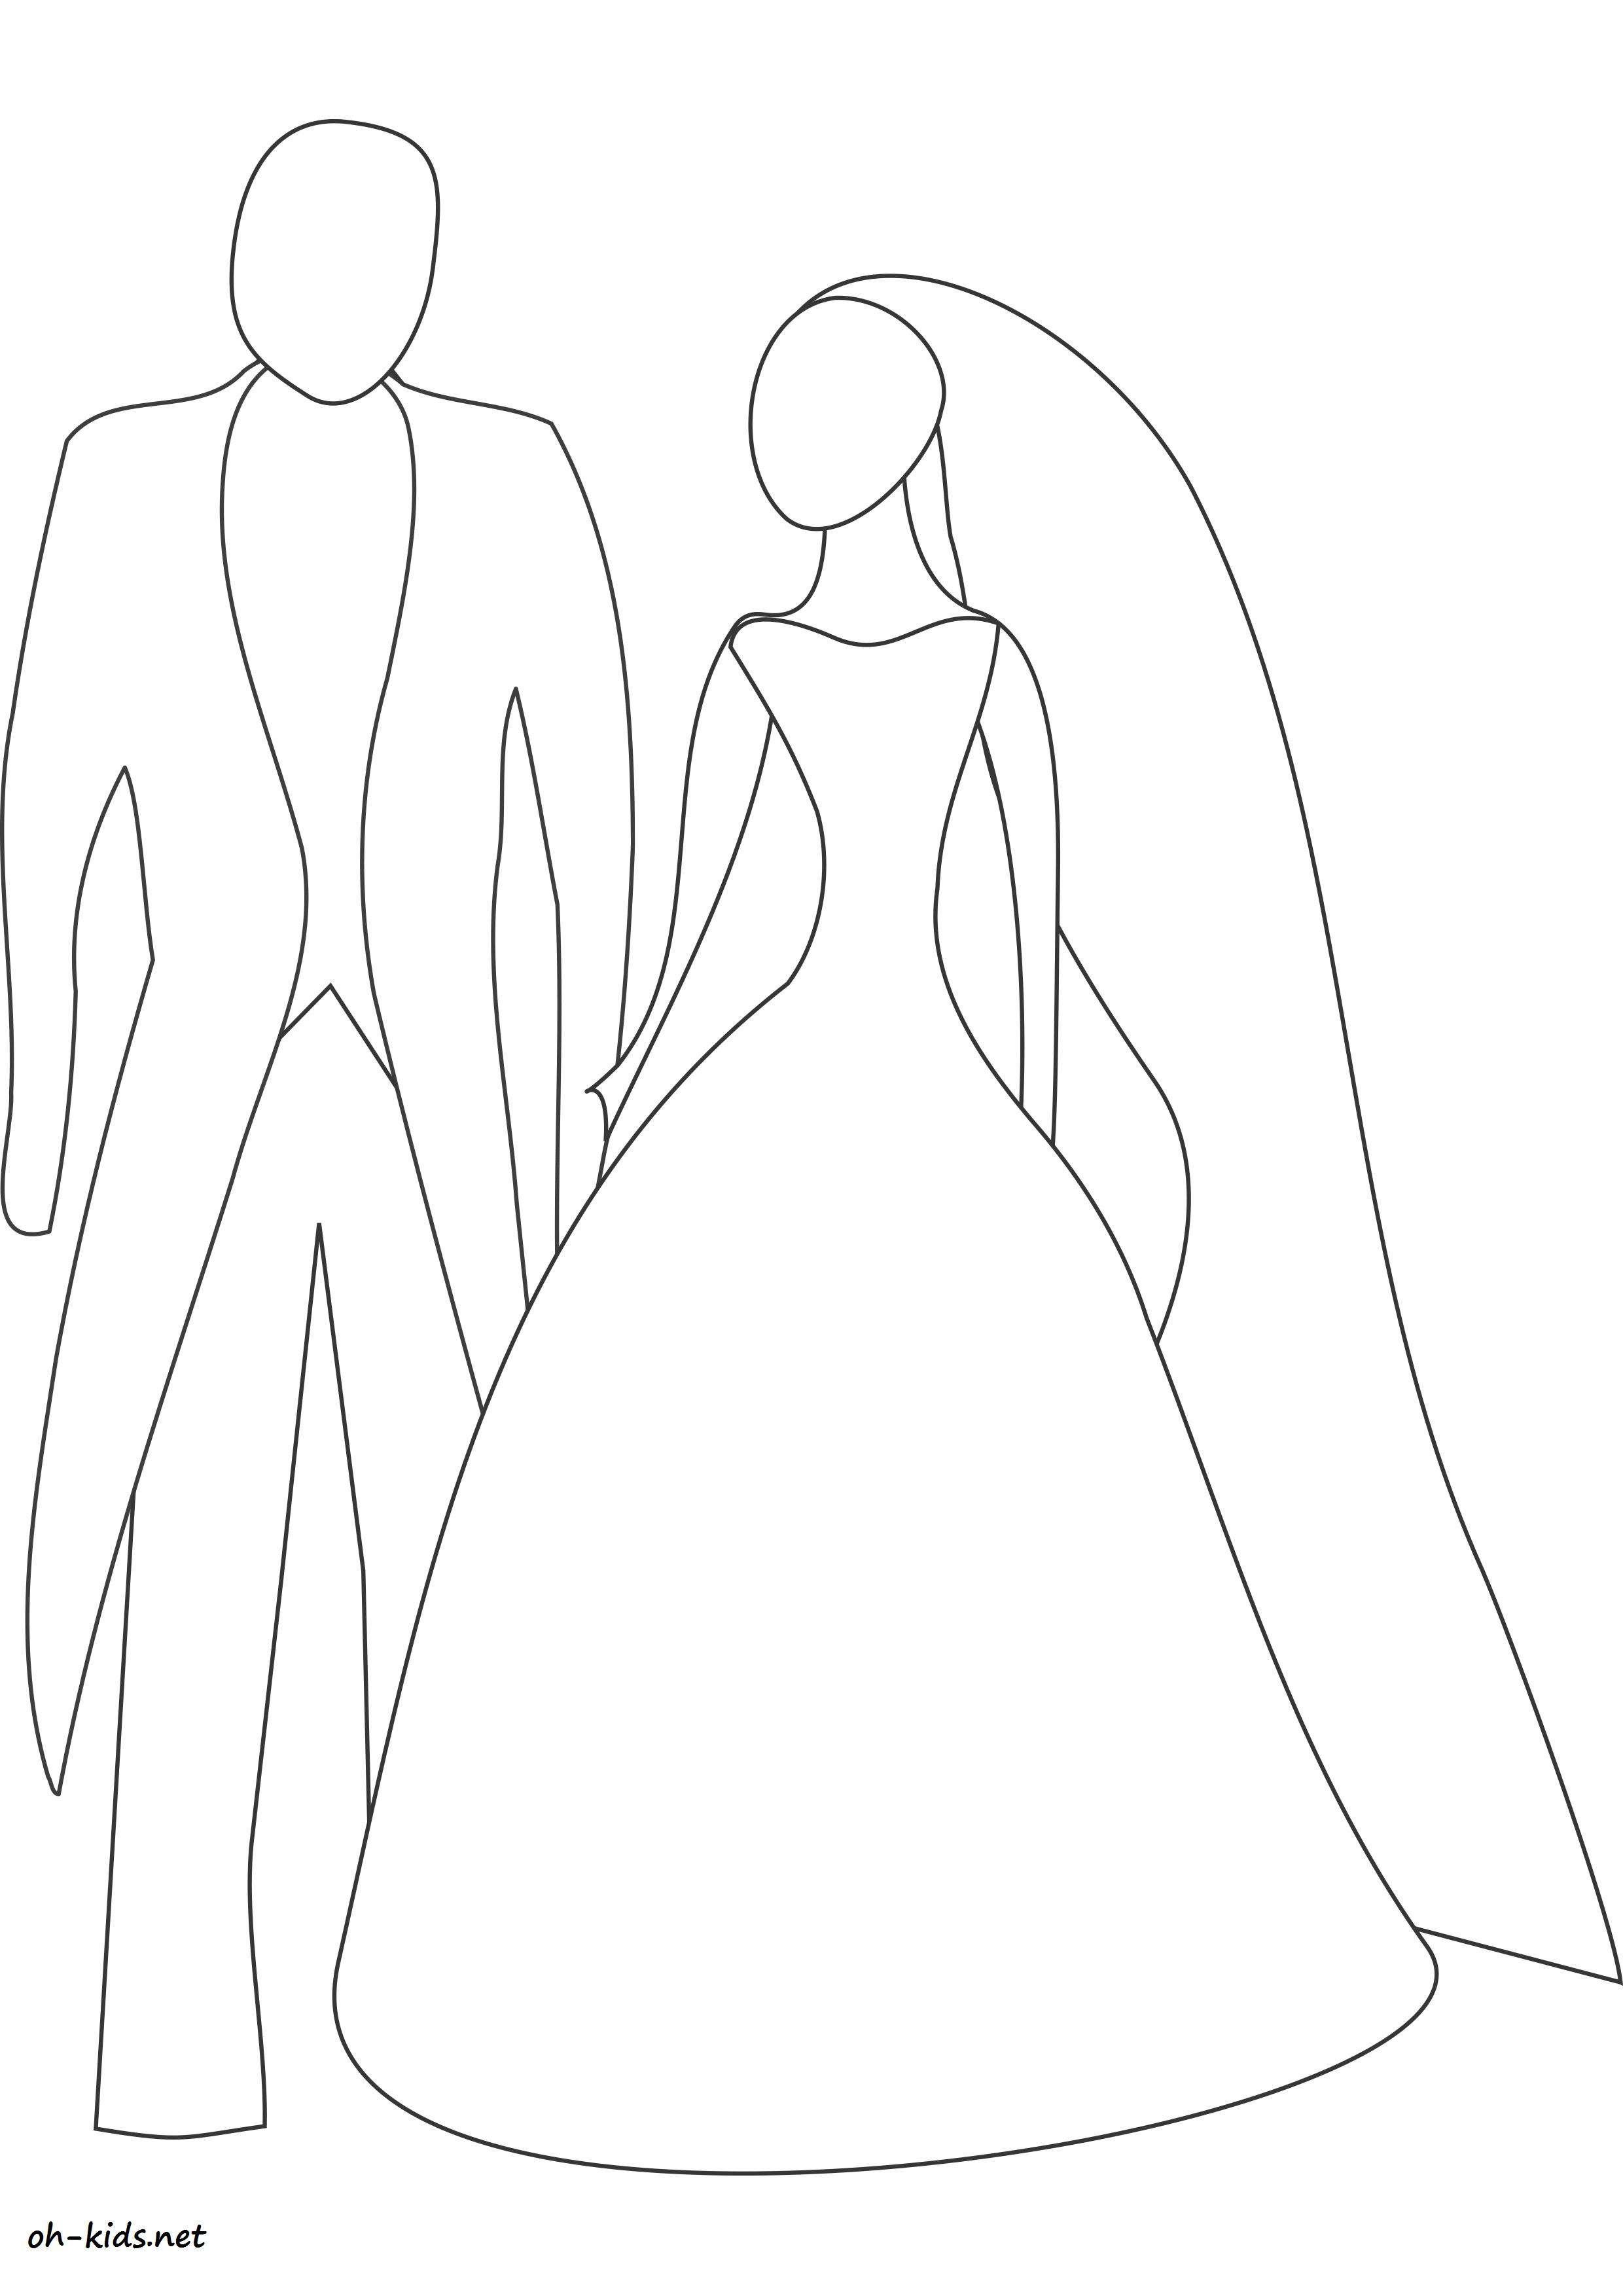 Coloriage mariage  imprimer Dessin 1193